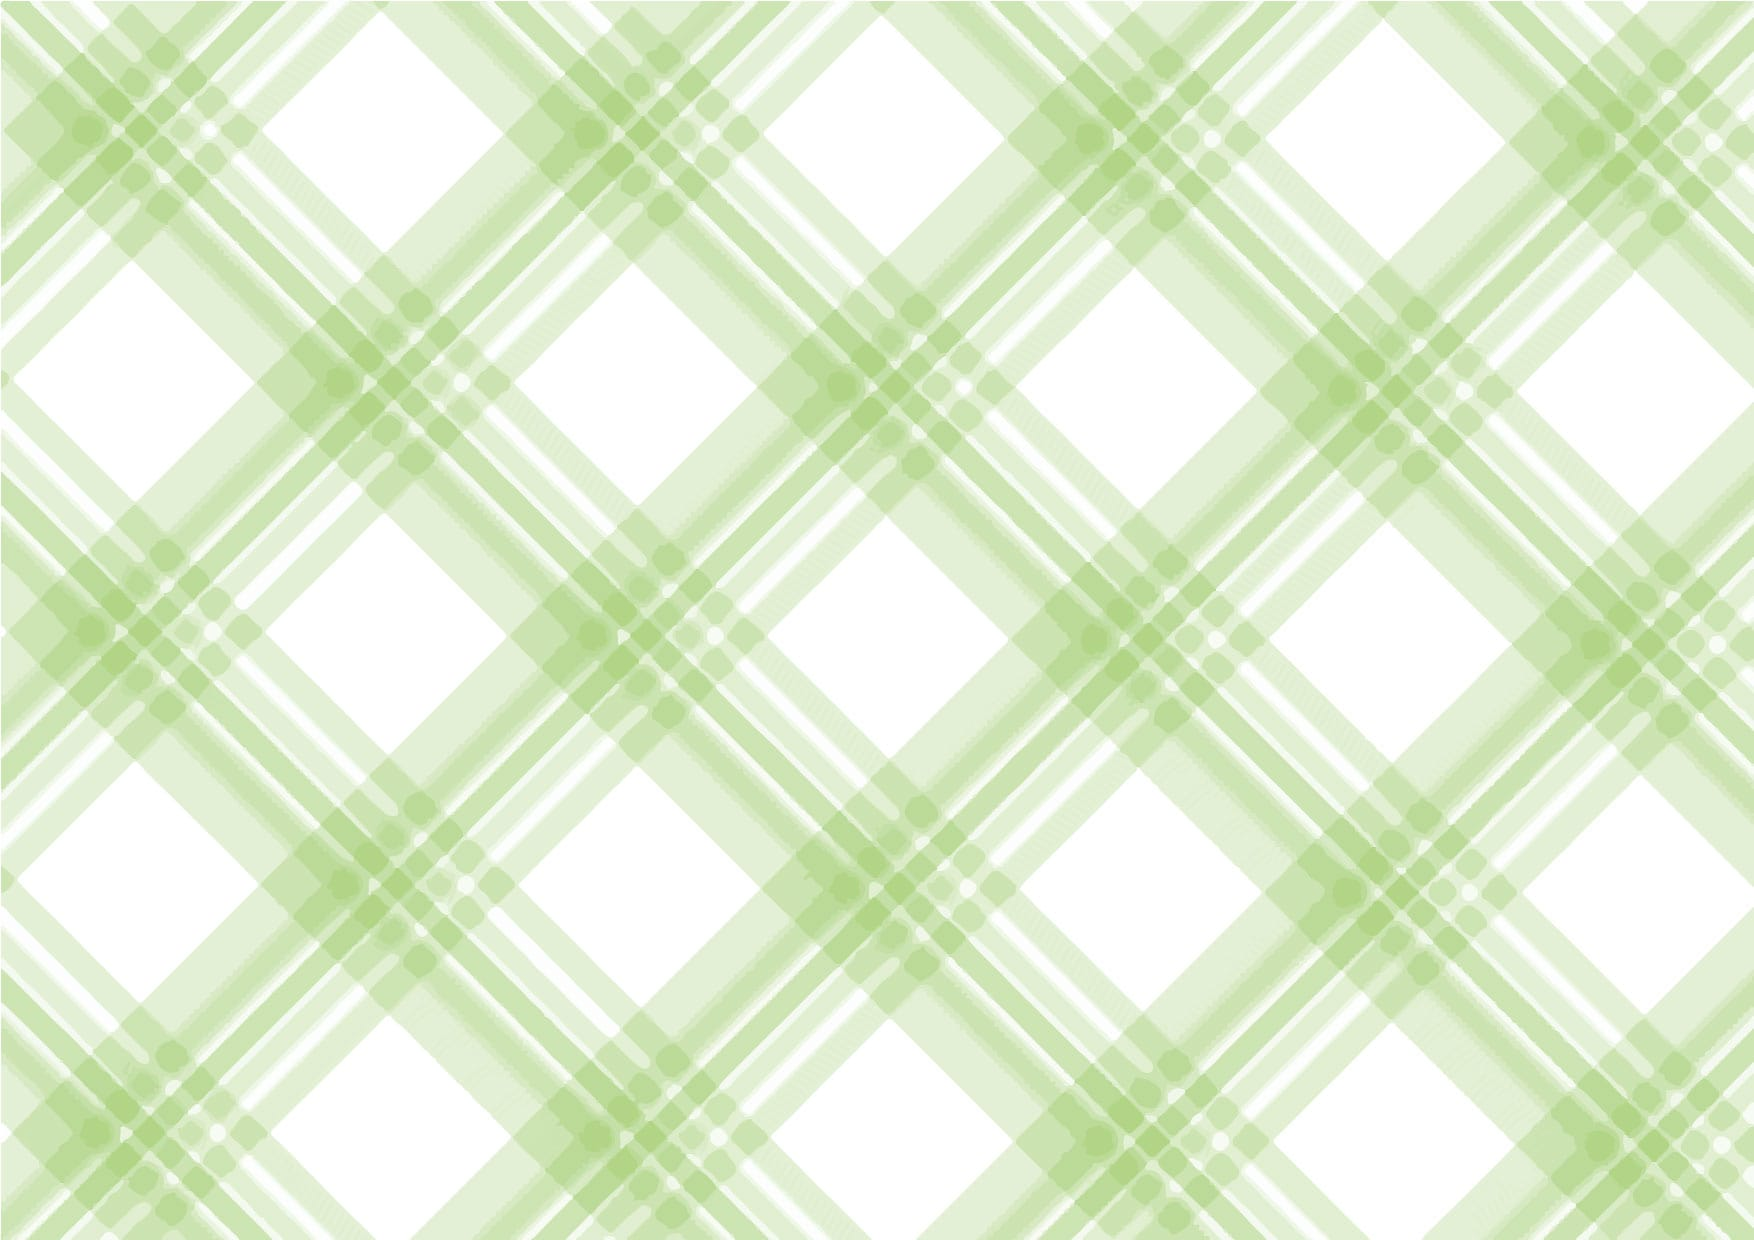 可愛いイラスト|手書き チェック柄 緑色 背景2 − free illustration  Handwritten check pattern green background